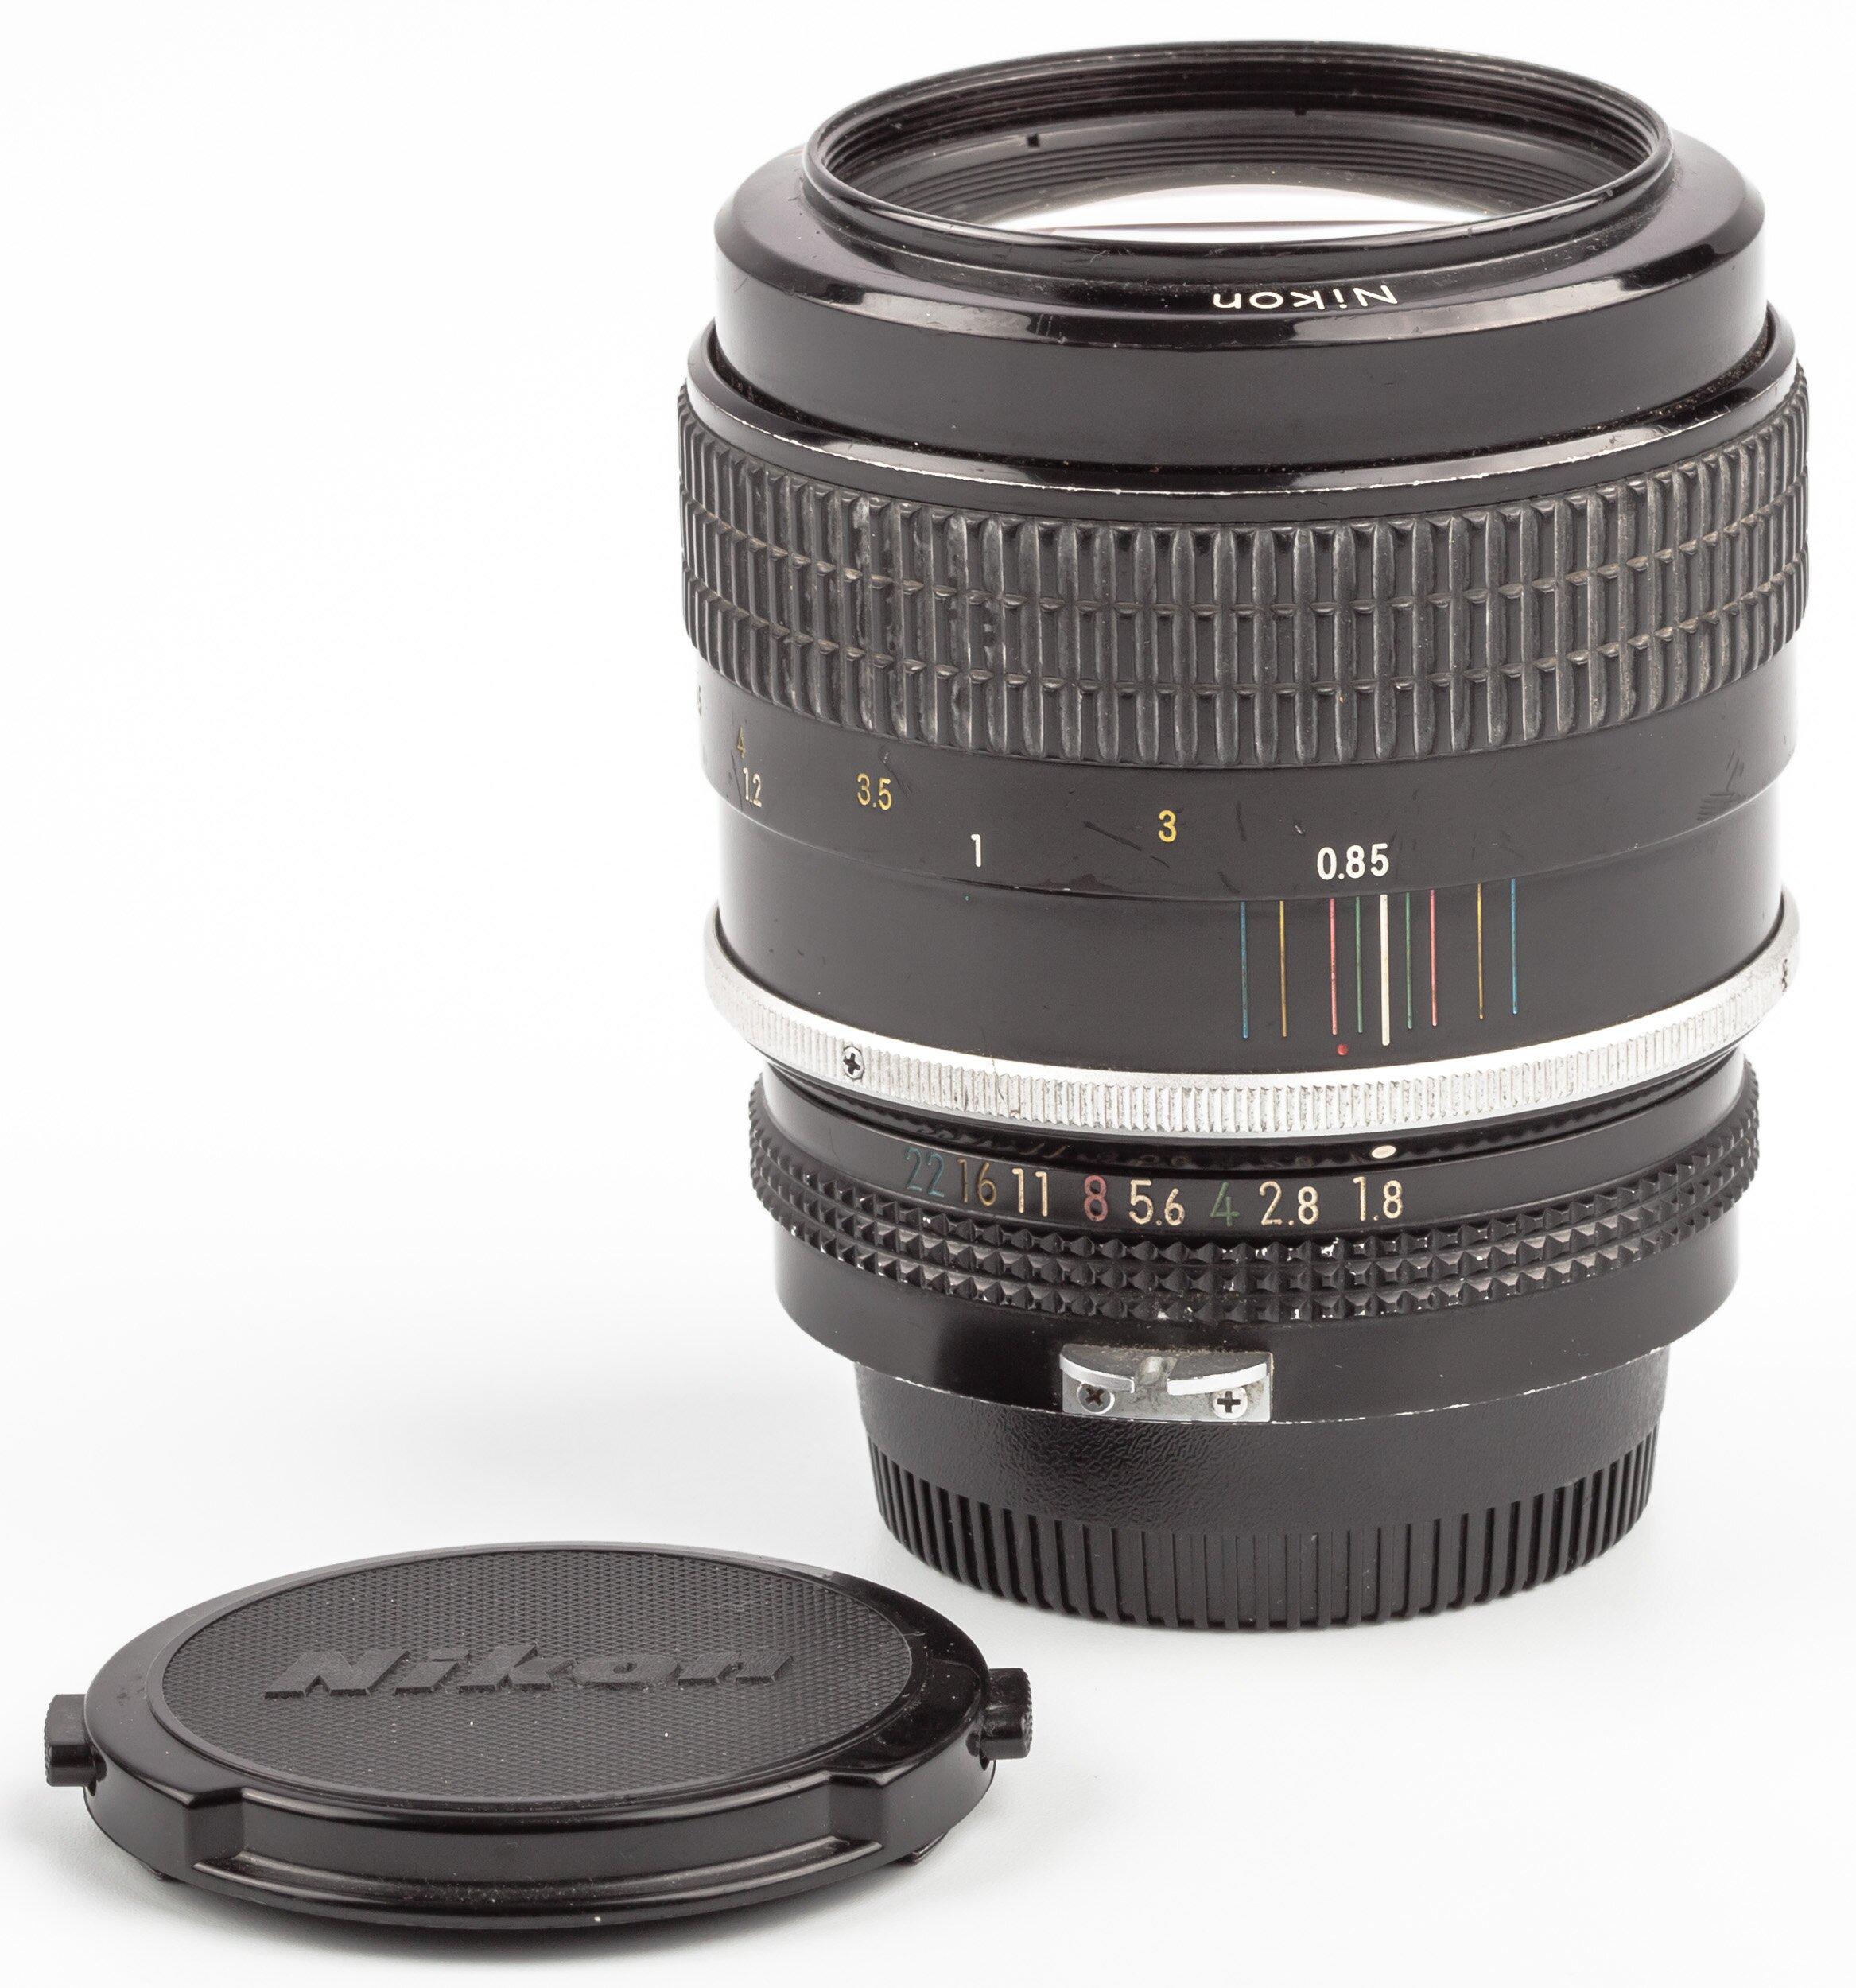 Nikon non AI 85mm 1,8 Nikkor